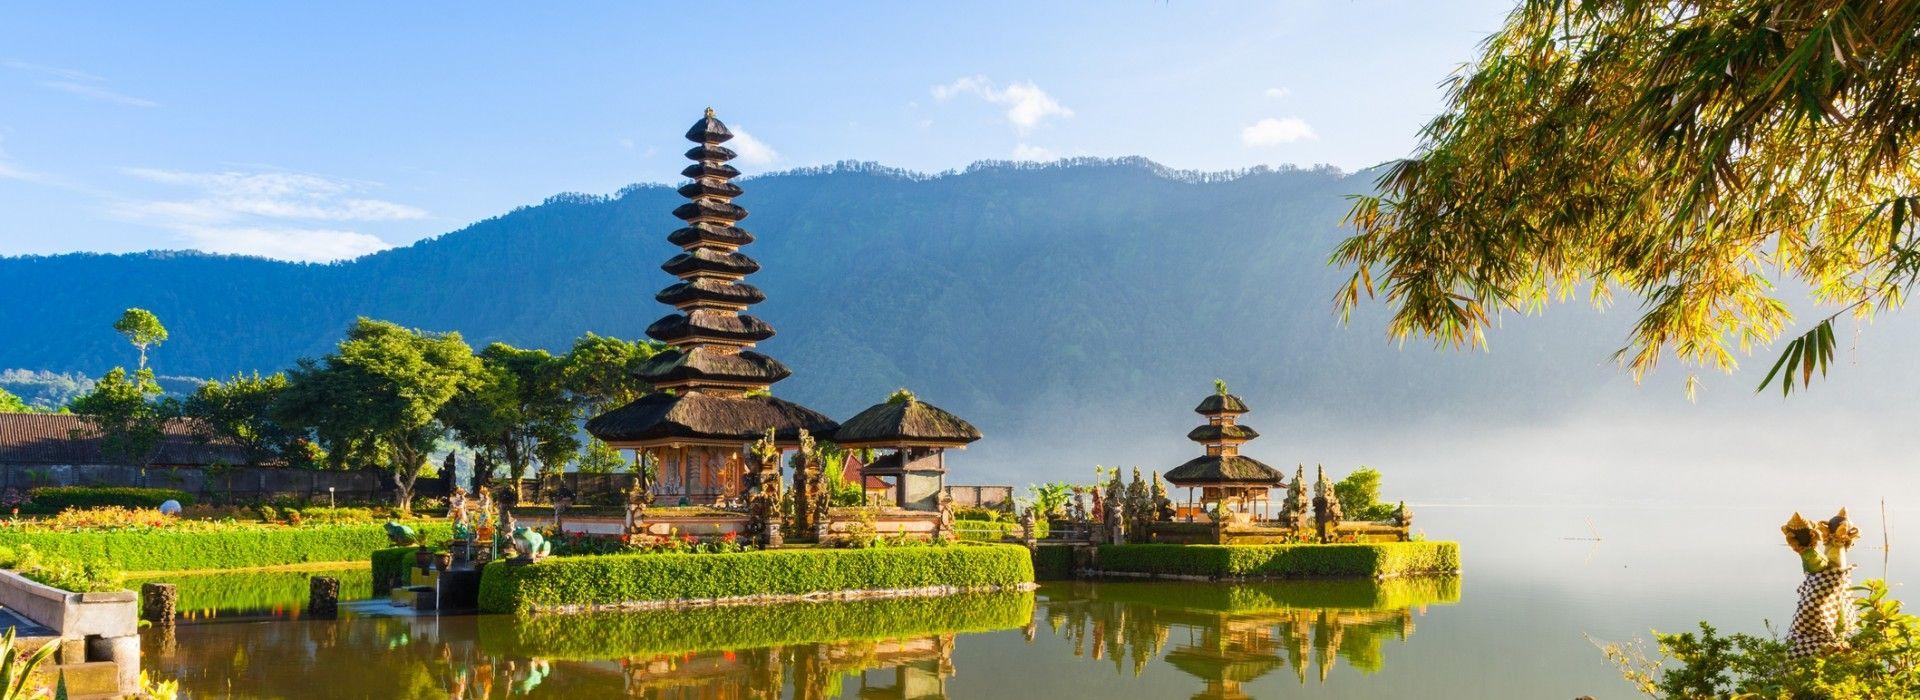 Walking tours in Ubud